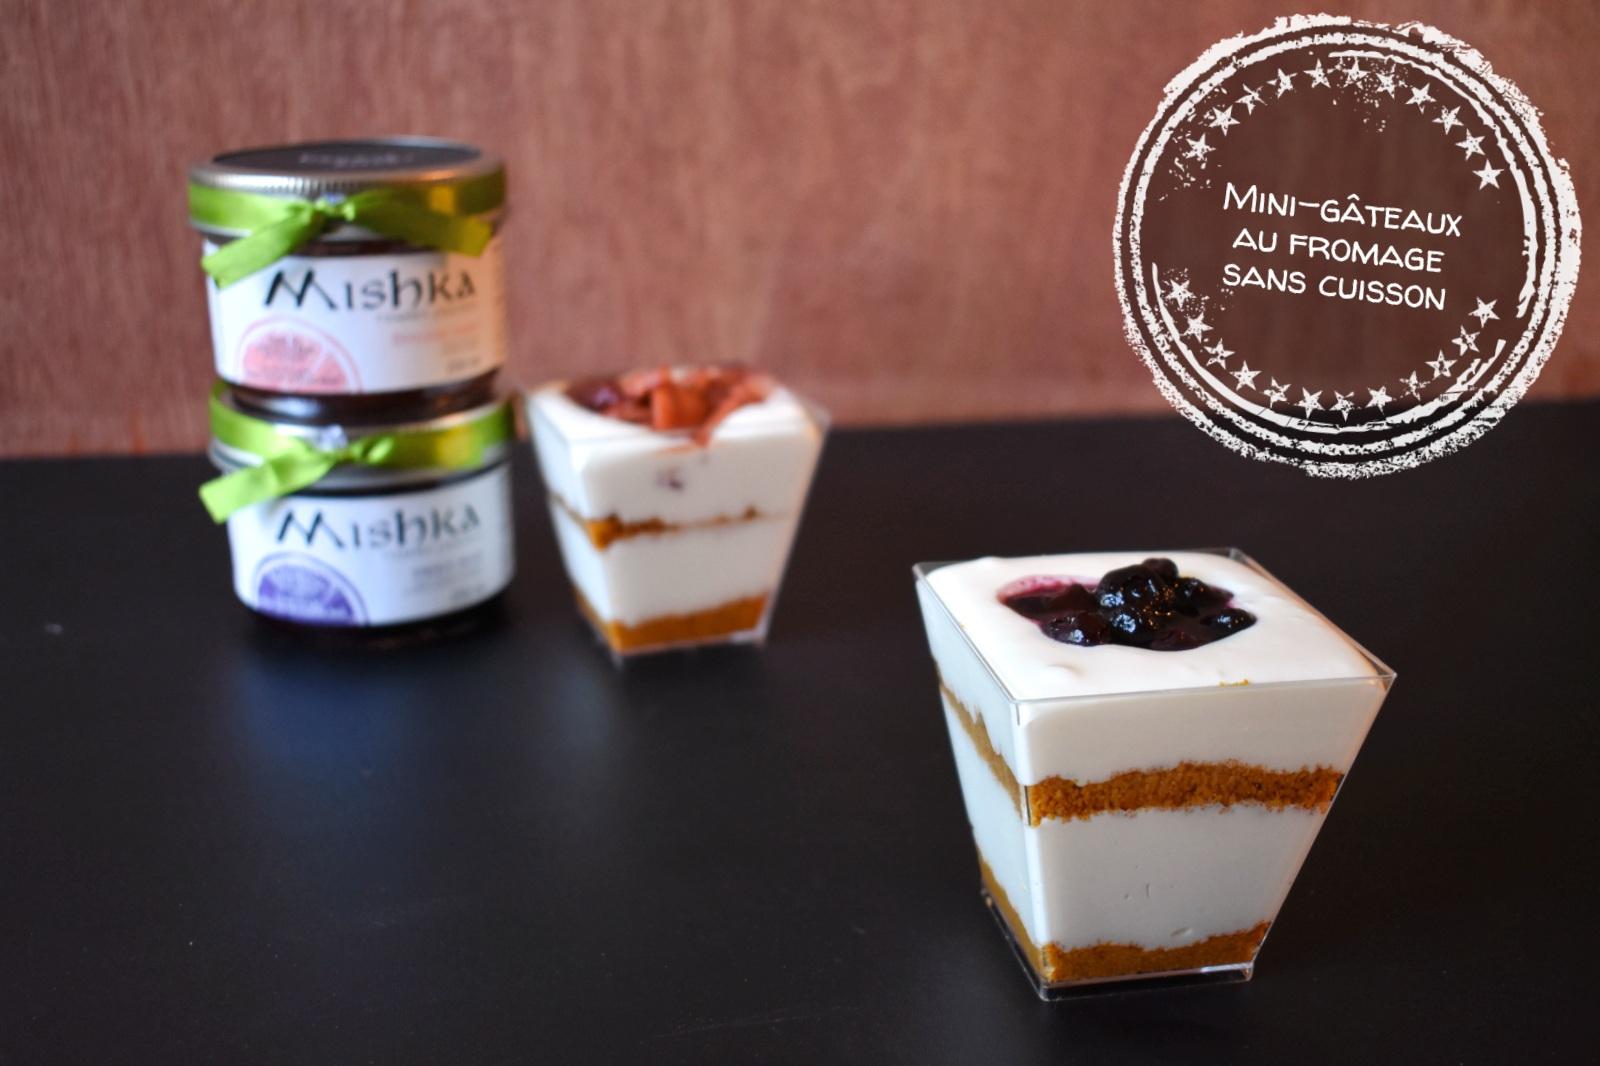 Mini-gâteaux au fromage sans cuisson - Auboutdelalangue.com (12)